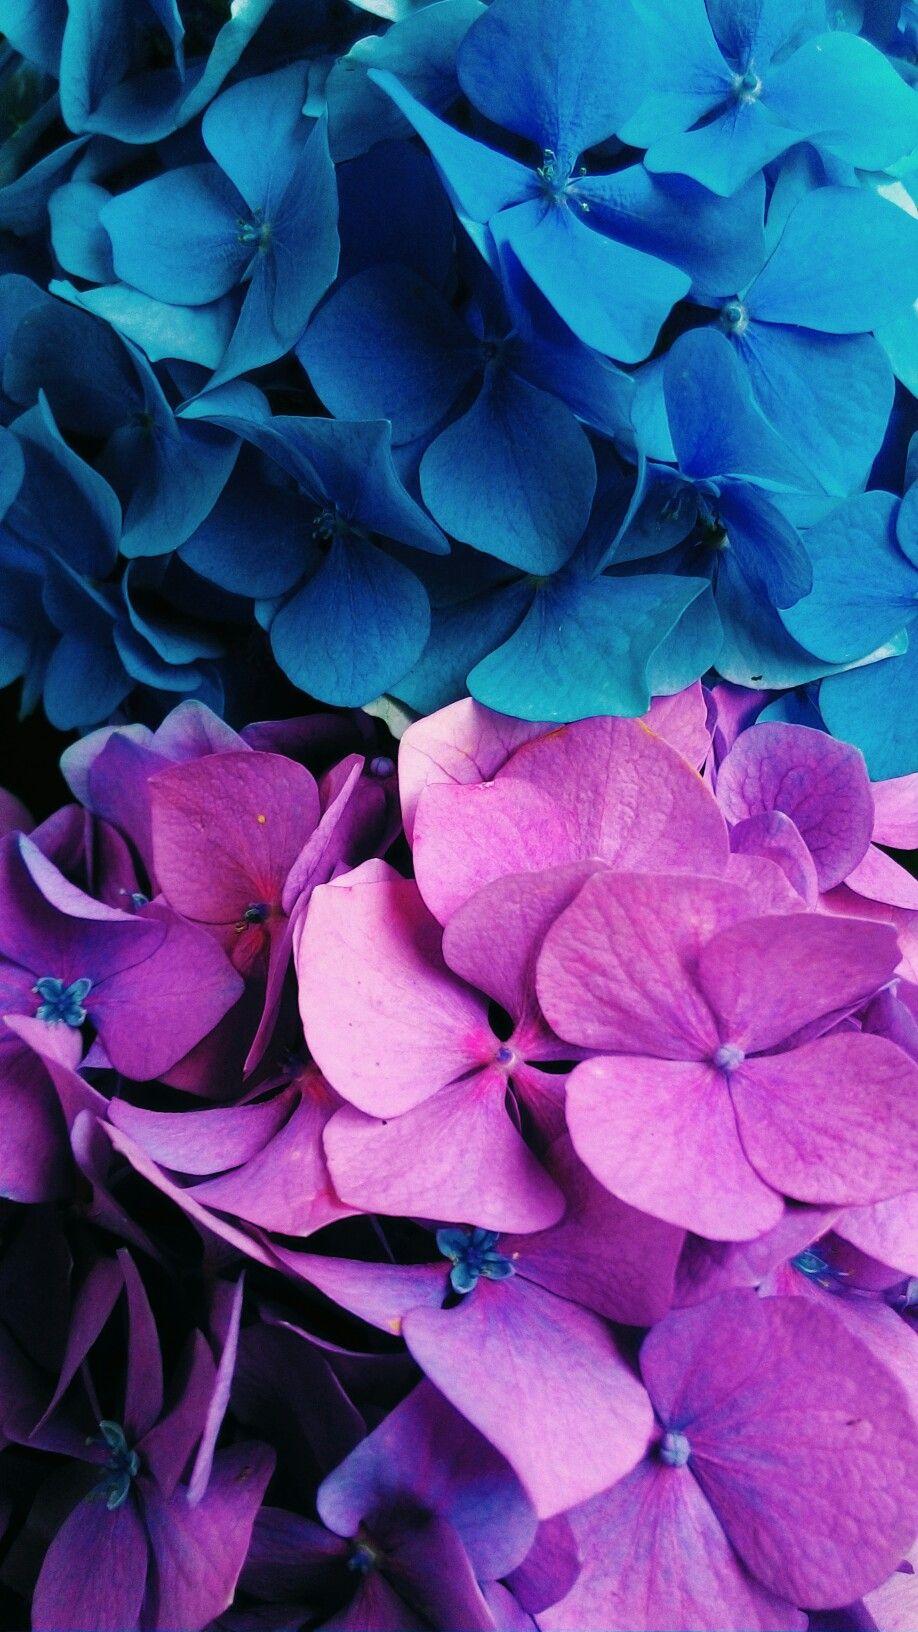 Blue And Purple Flowers Wallpaper Purple Flowers Wallpaper Beautiful Flowers Wallpapers Blue Flower Wallpaper